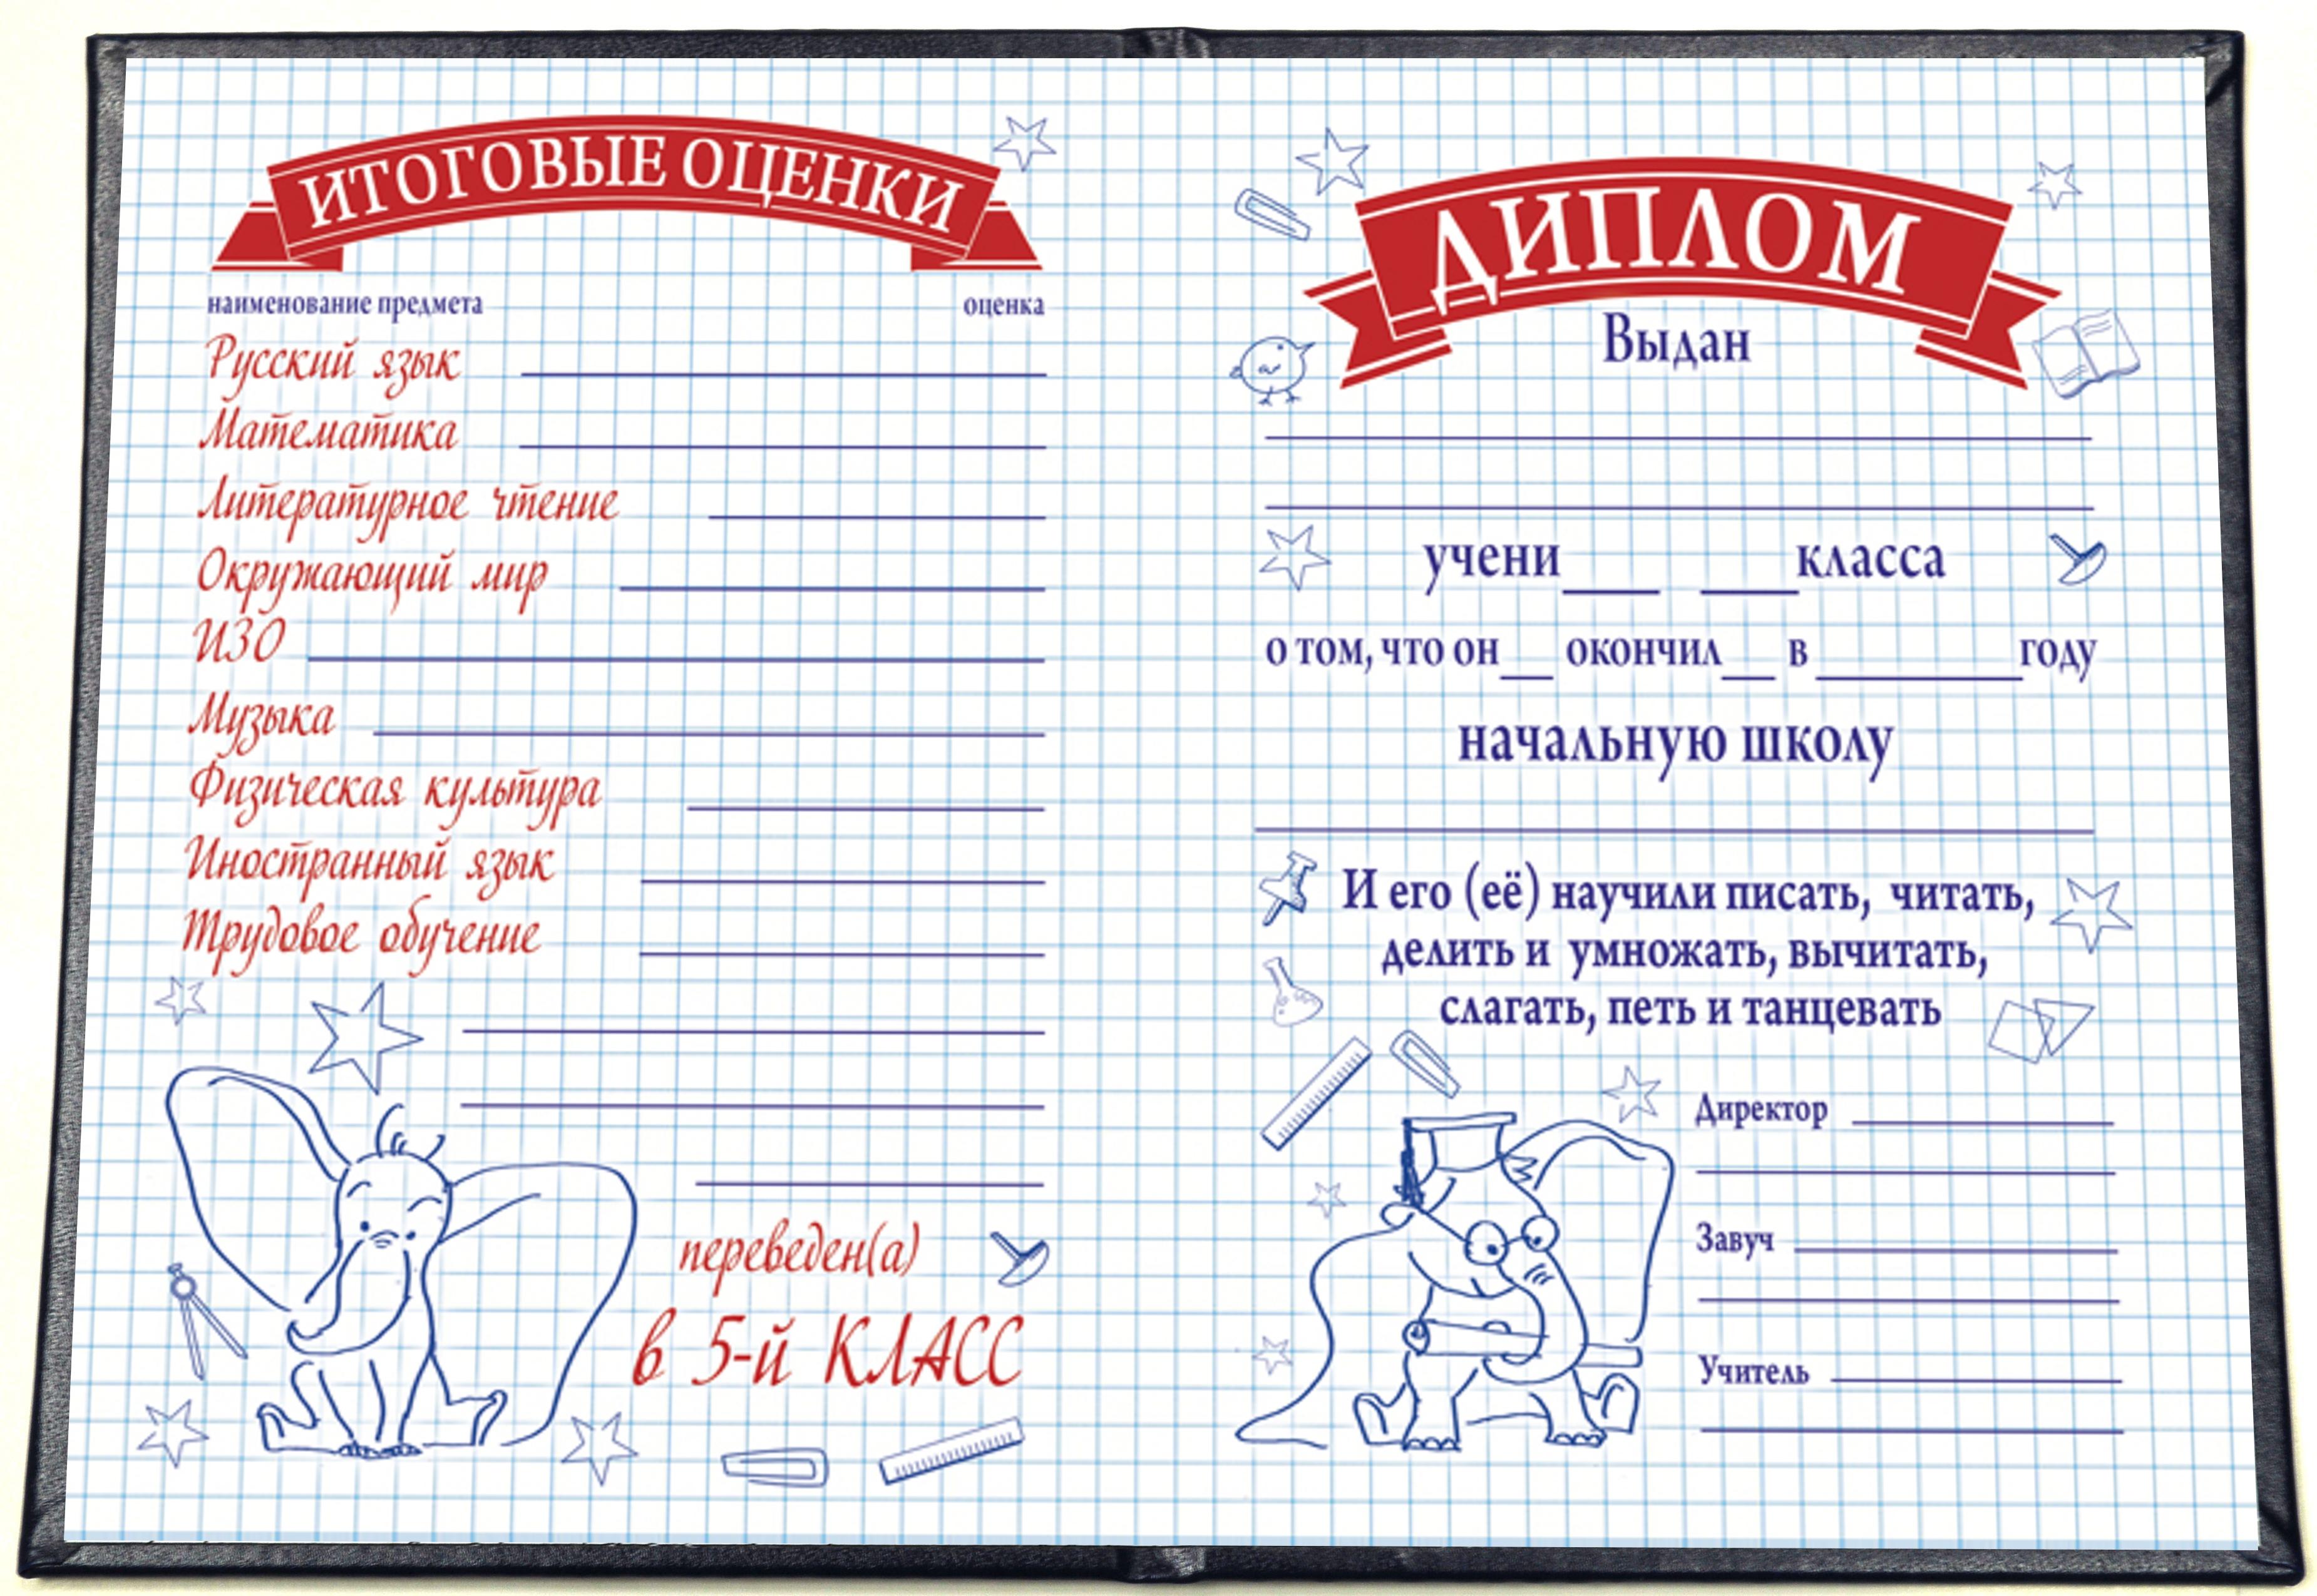 Диплом для выпускников начальной школы с итоговыми оценками  Диплом для выпускников начальной школы с итоговыми оценками синий слон 1